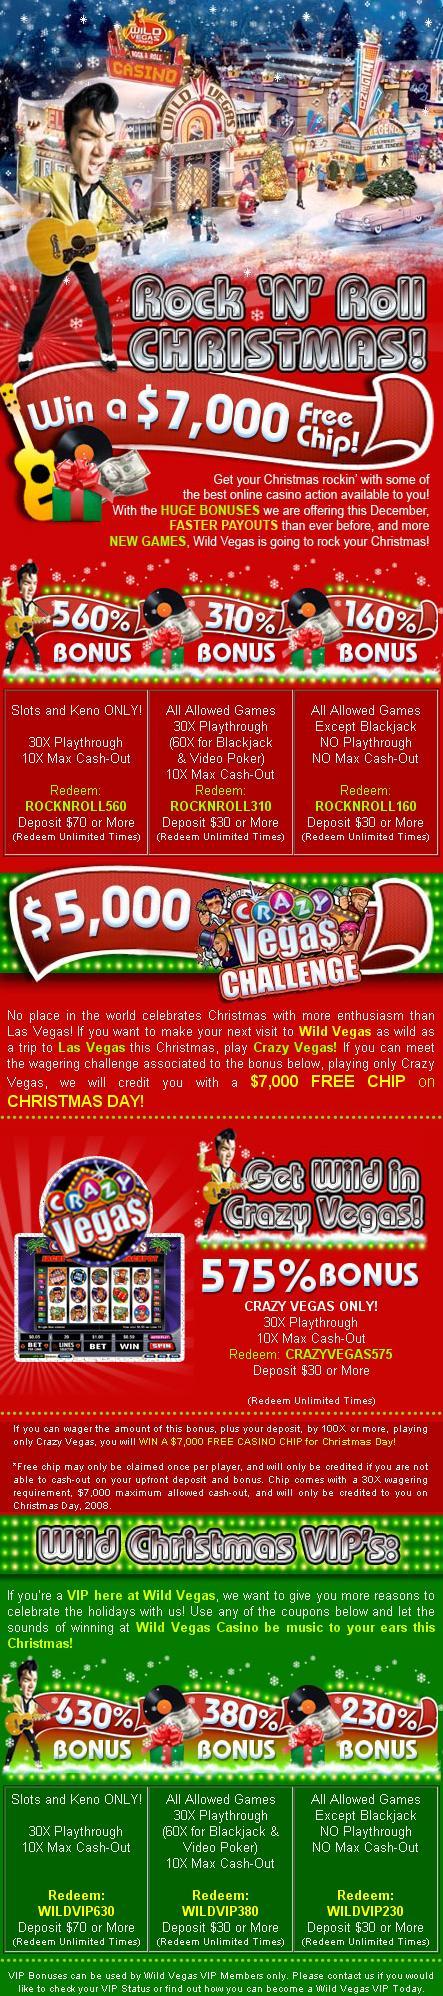 Wild Vegas Casino Monthly and Vip bonus